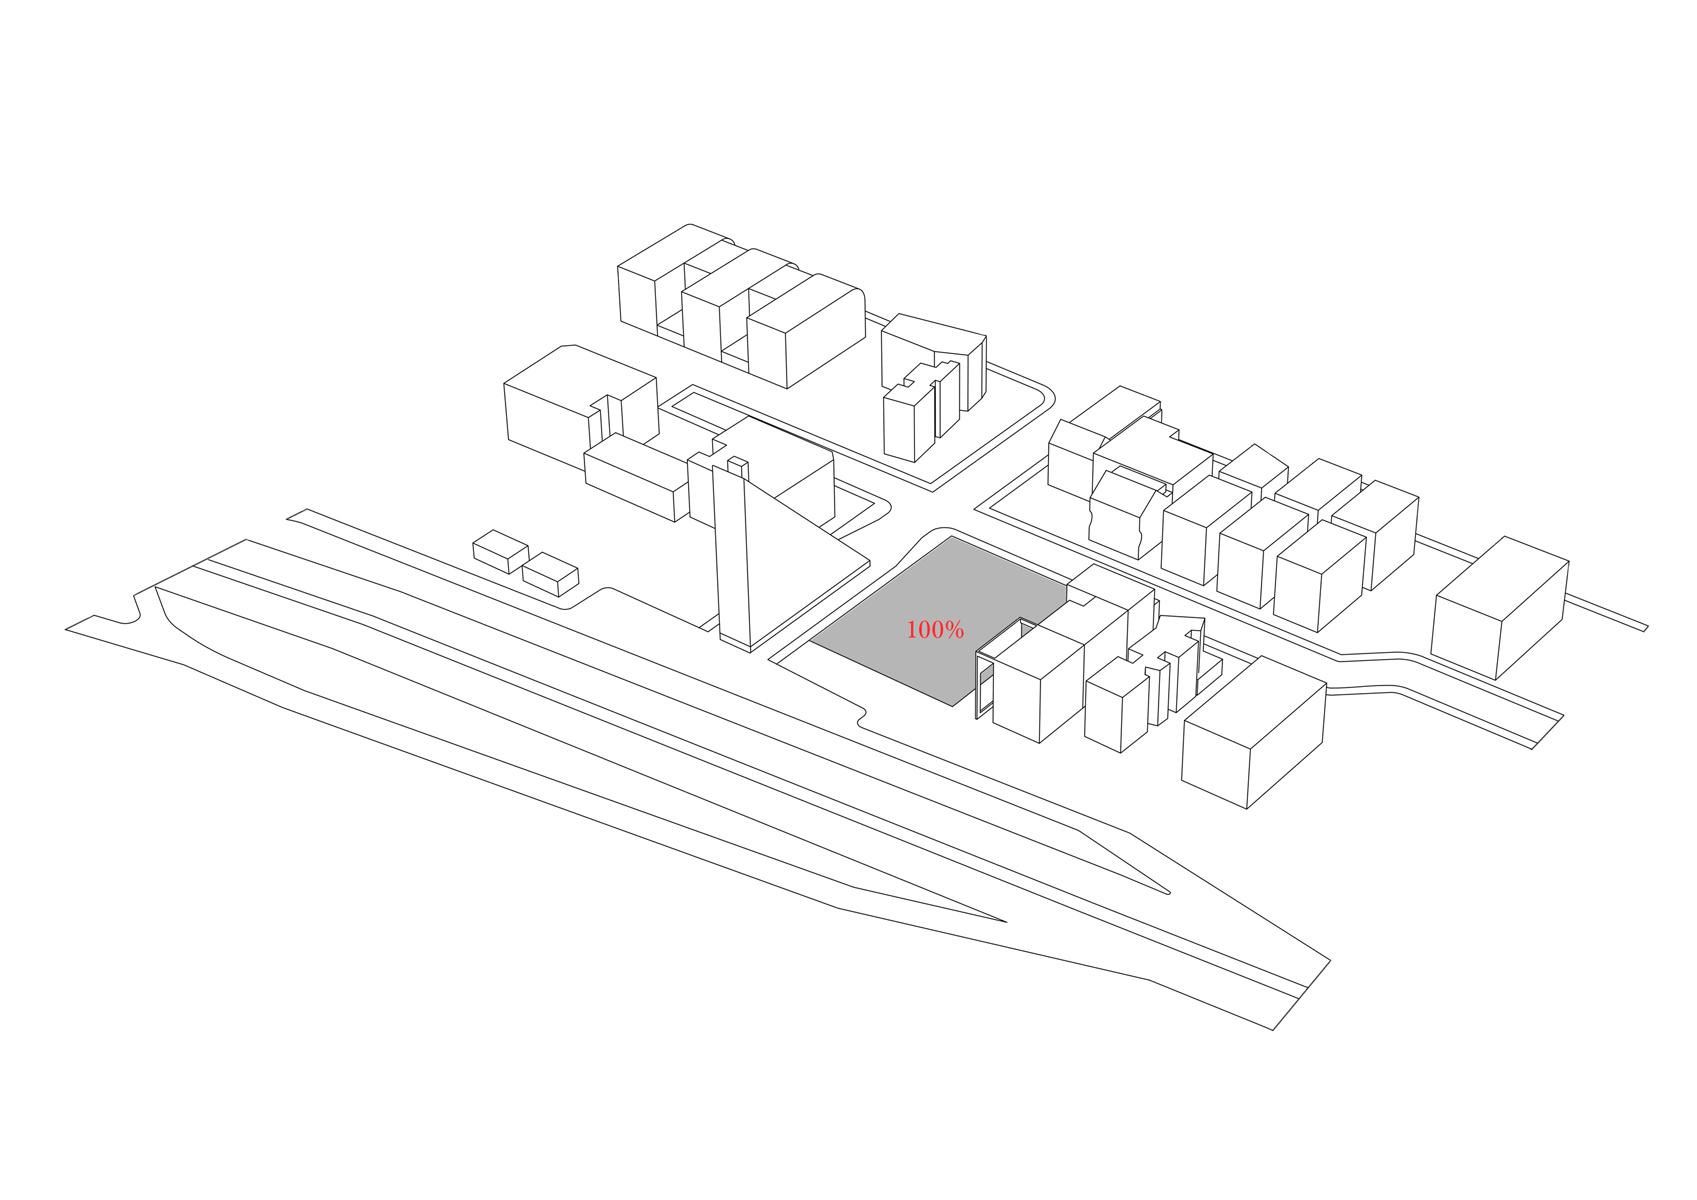 02- Asan Pardakht Headquarters Building